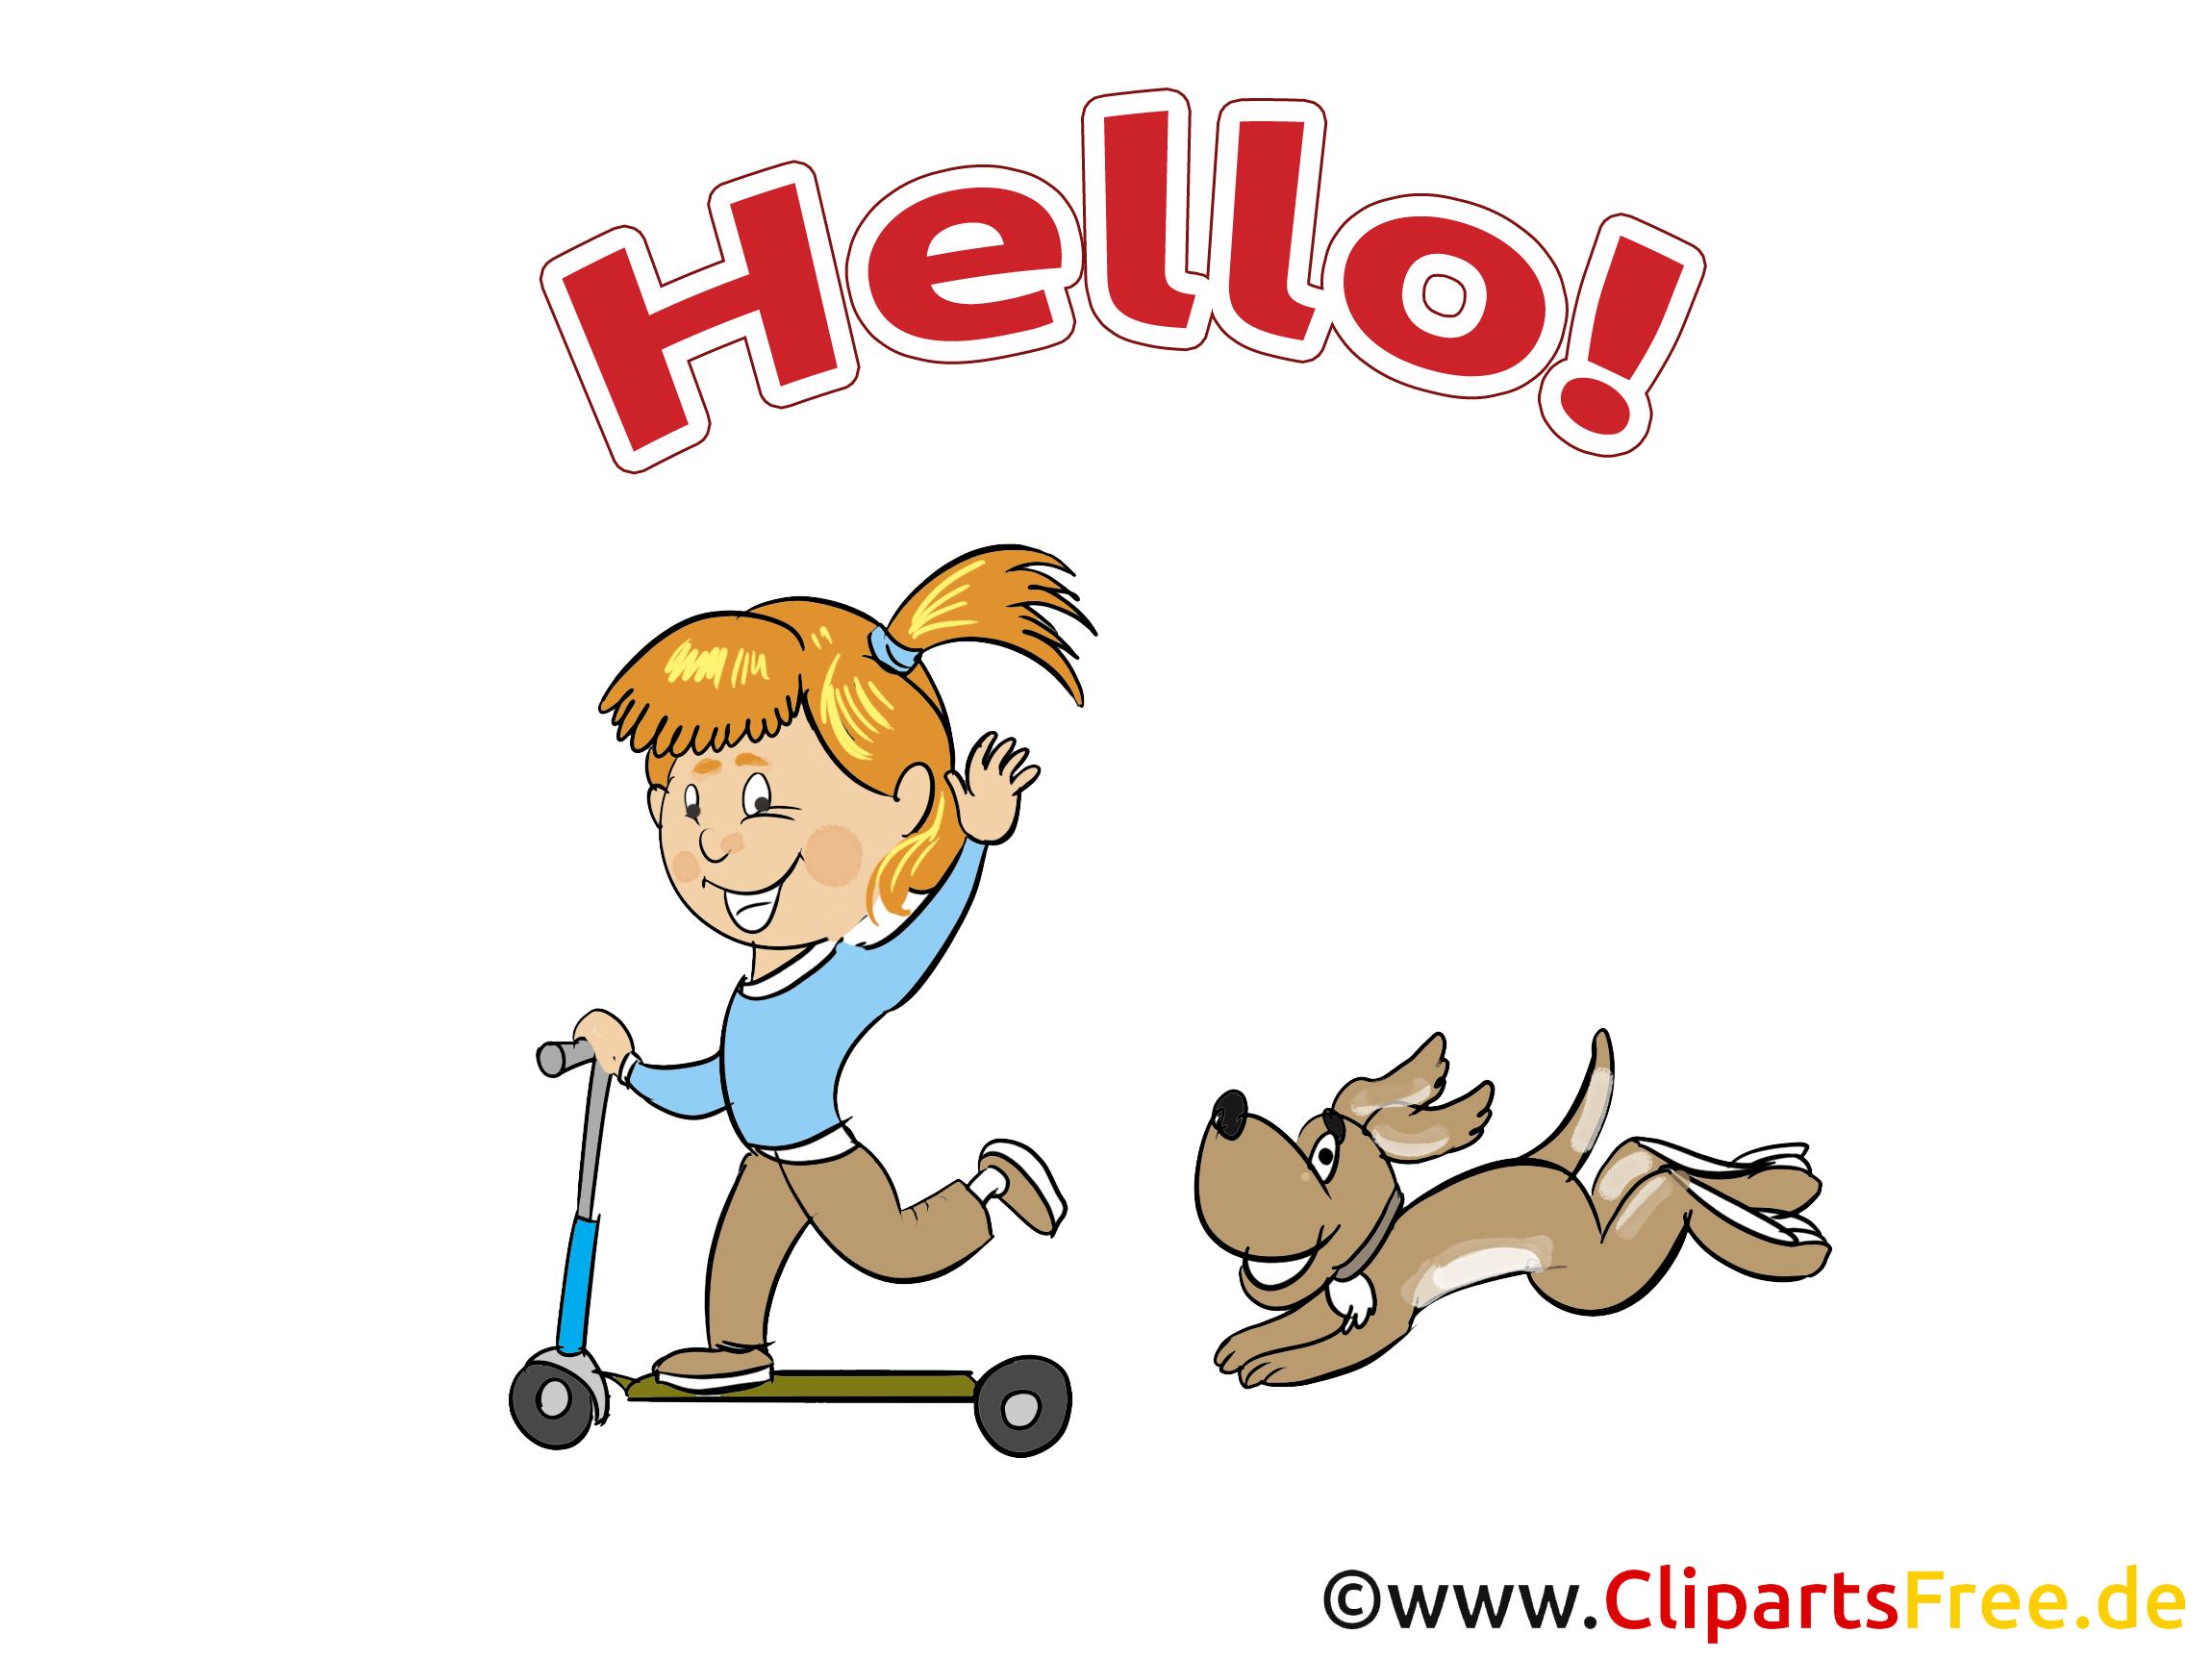 Chien patinette image gratuite - Salut cliparts